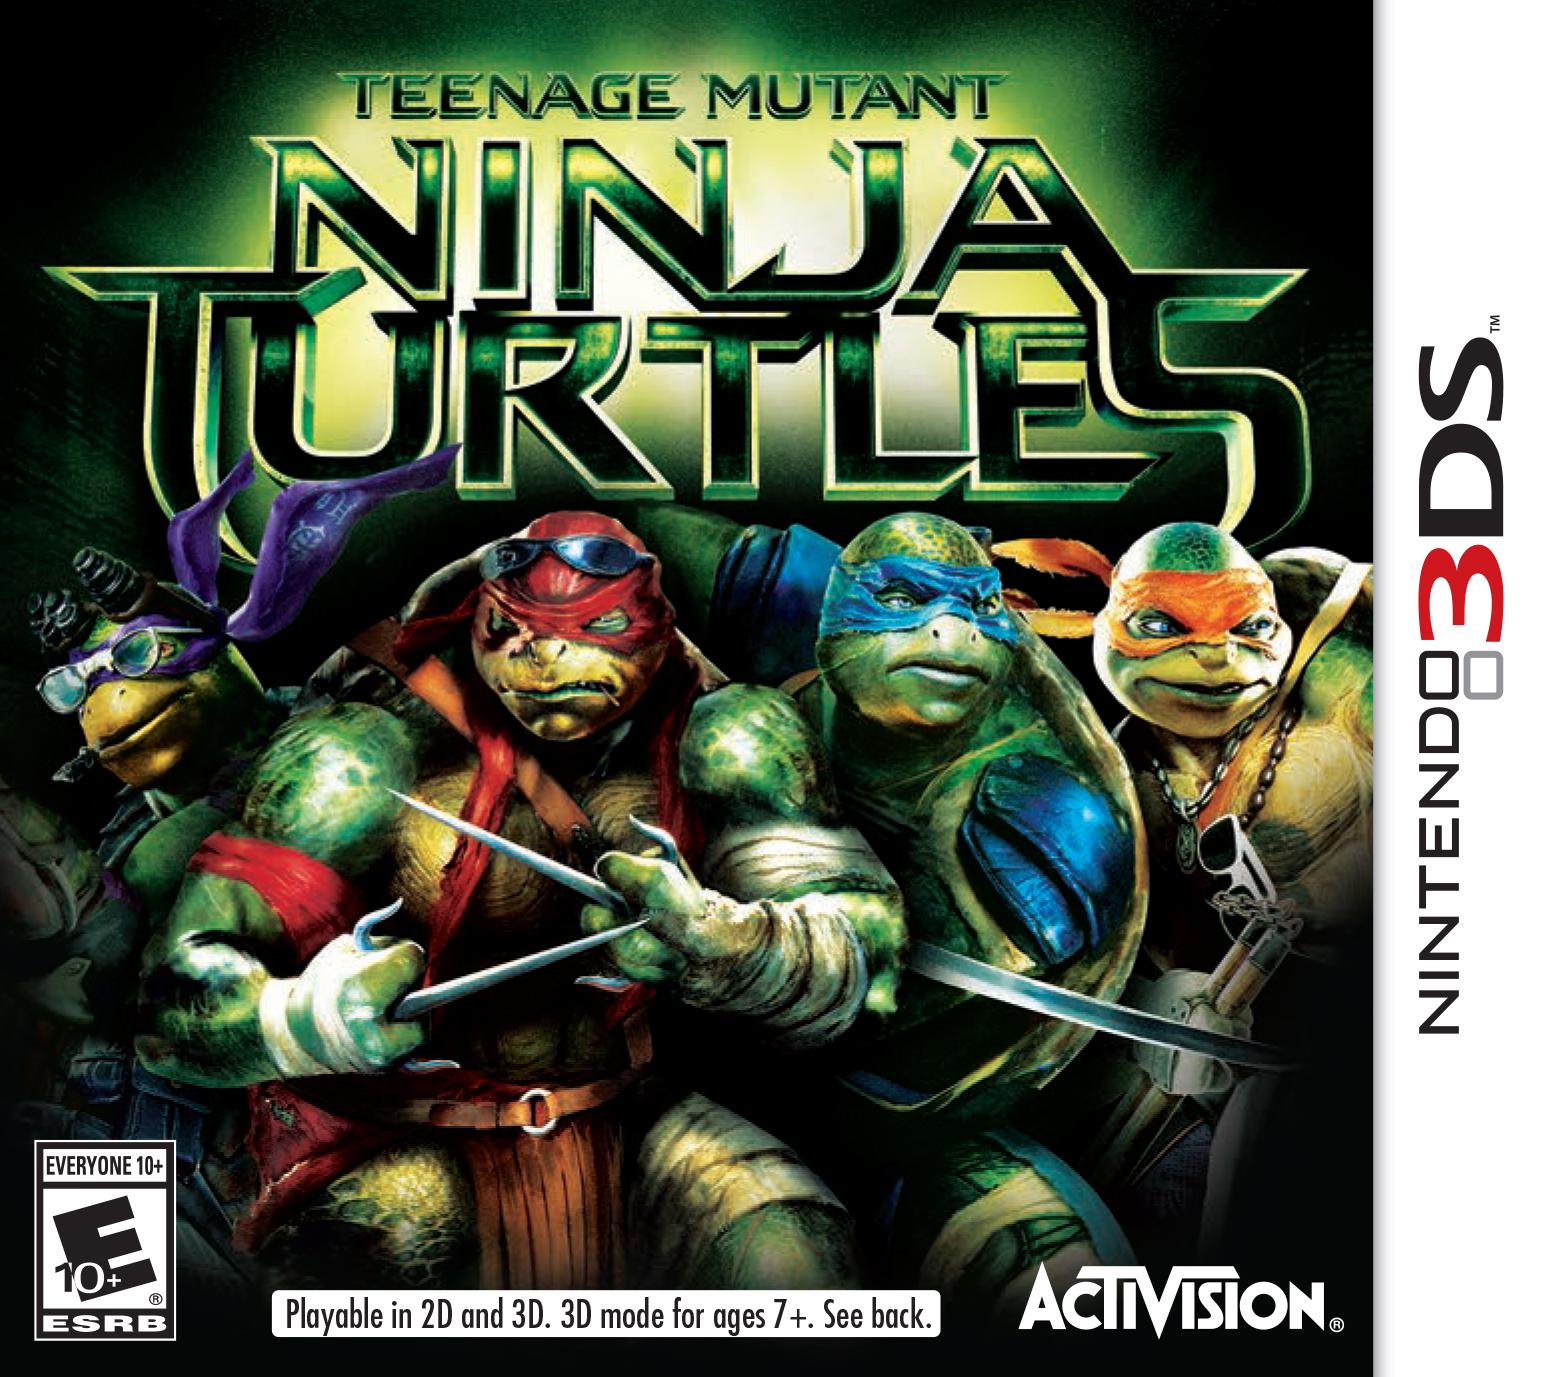 Teenage Mutant Ninja Turtles 2014 3ds Game Tmntpedia Fandom